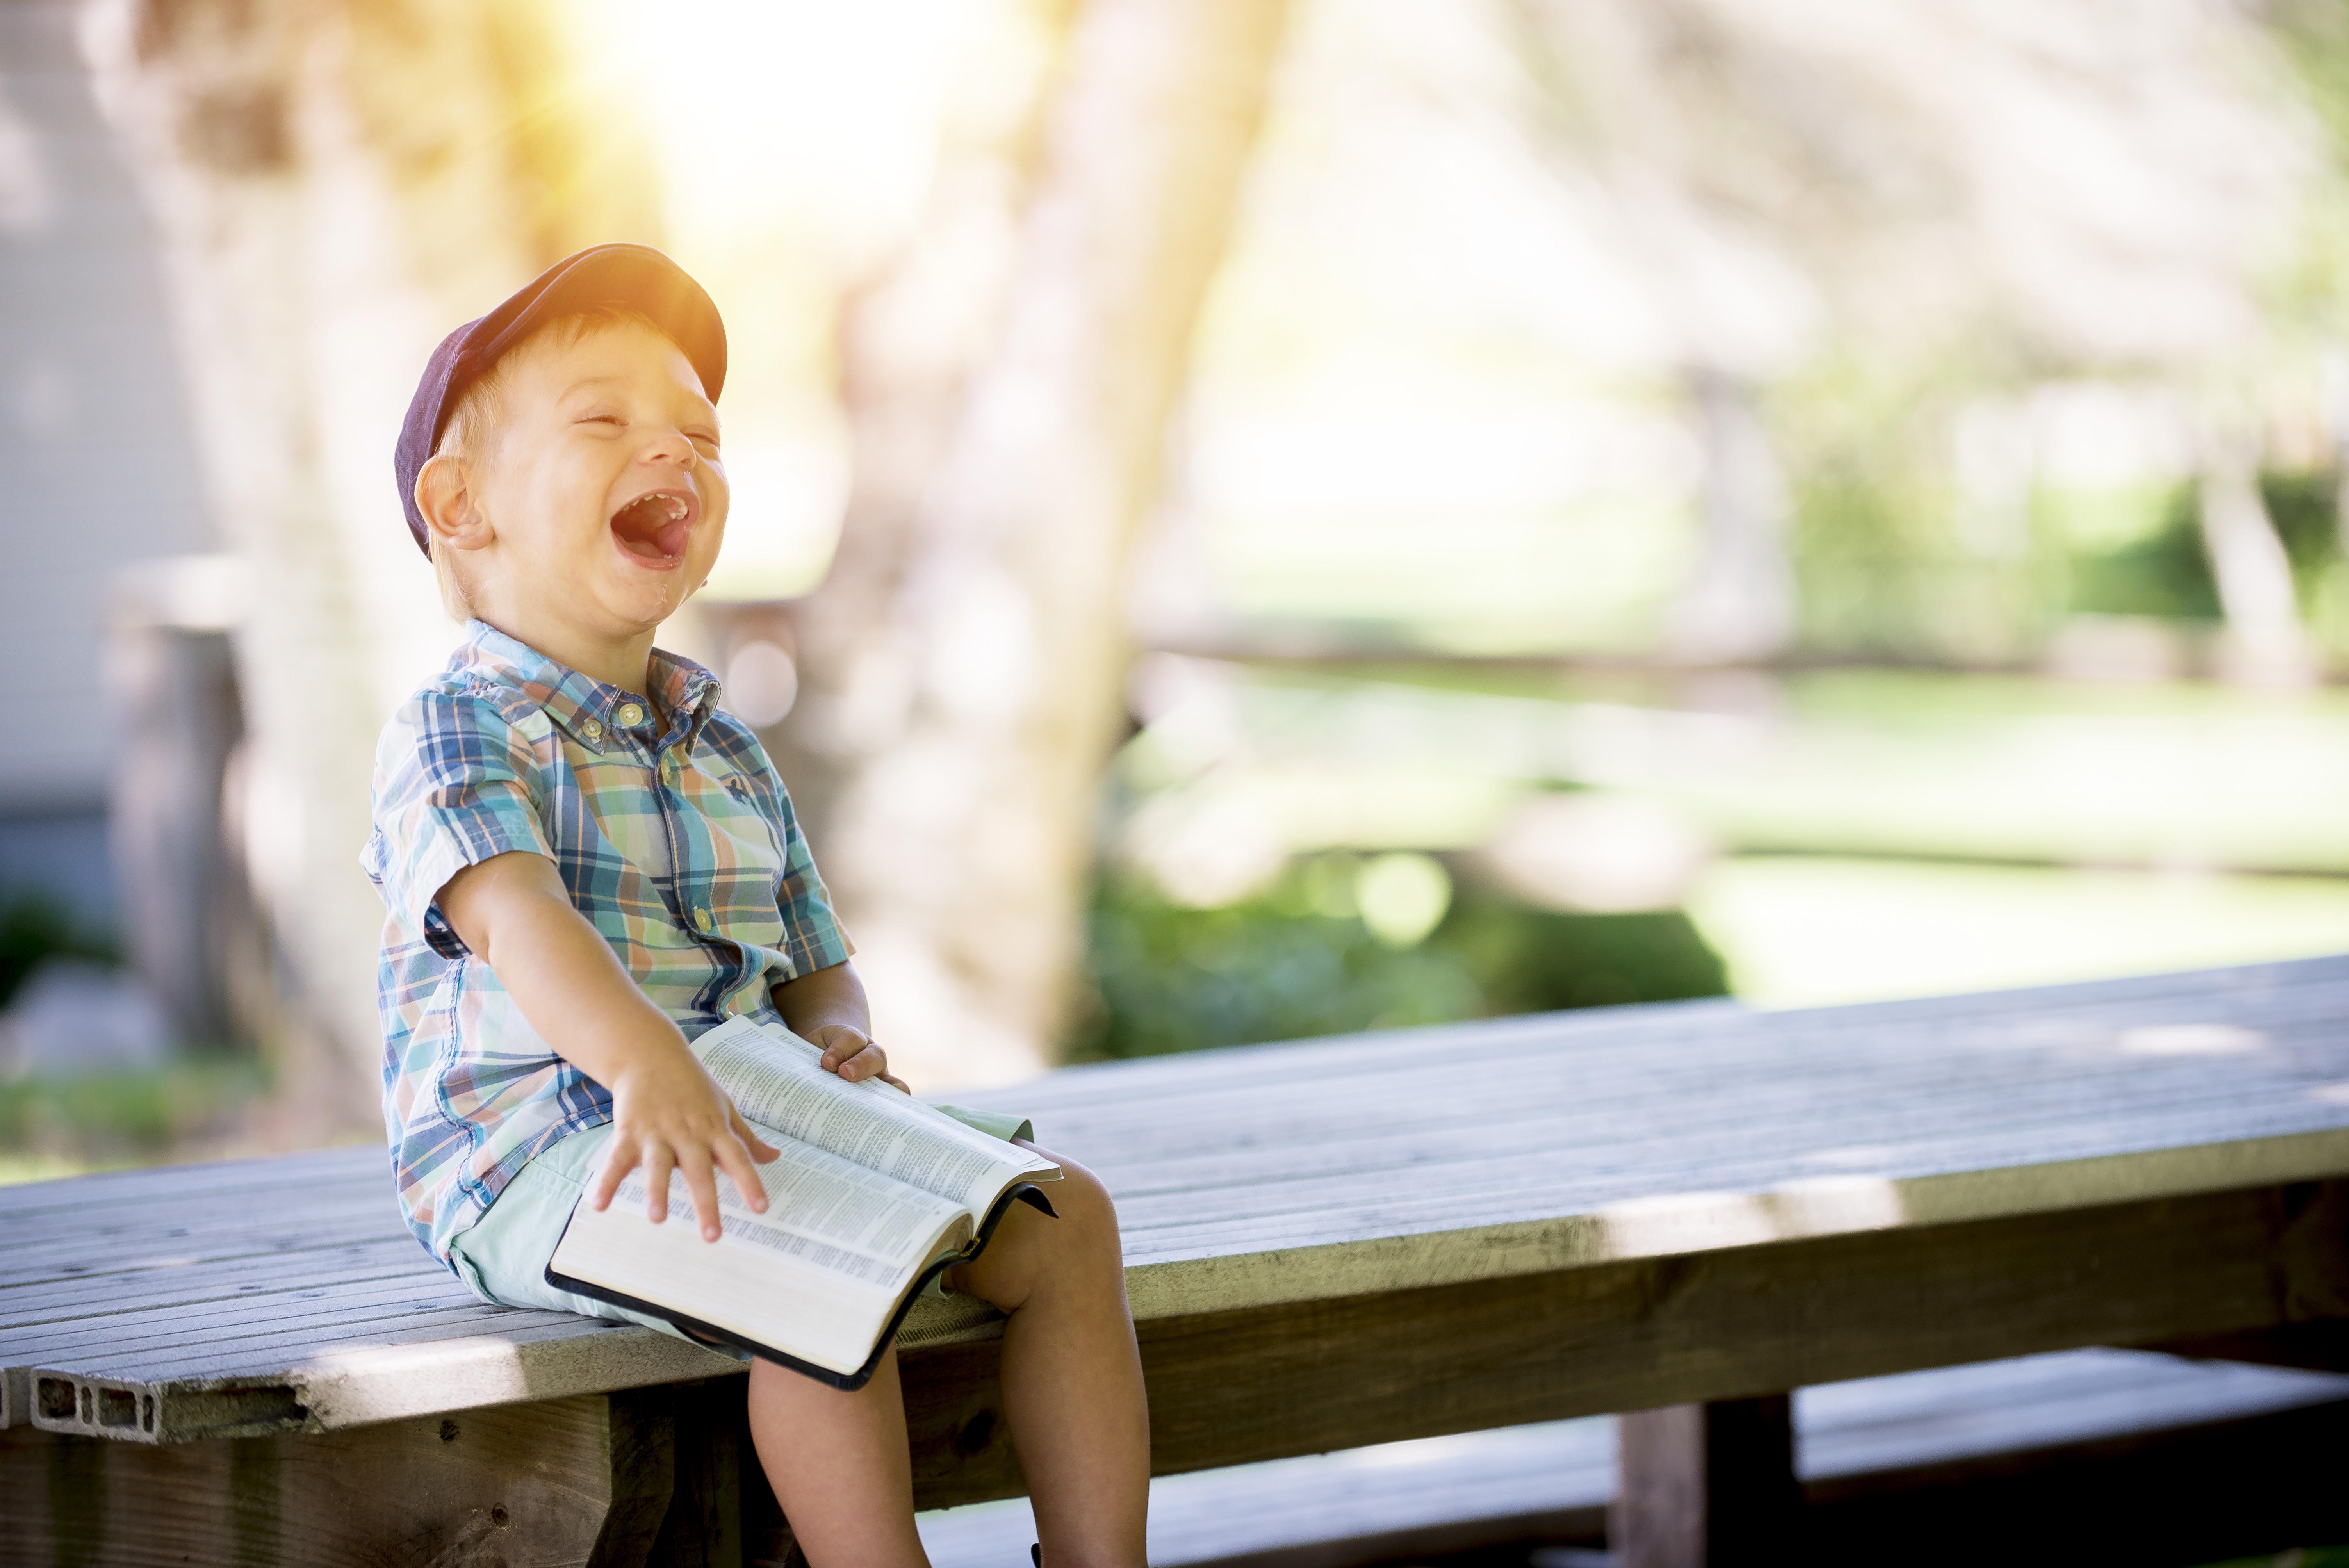 Die Sehleistung von Kindern – Wann ist ein Besuch beim Augenarzt nötig?